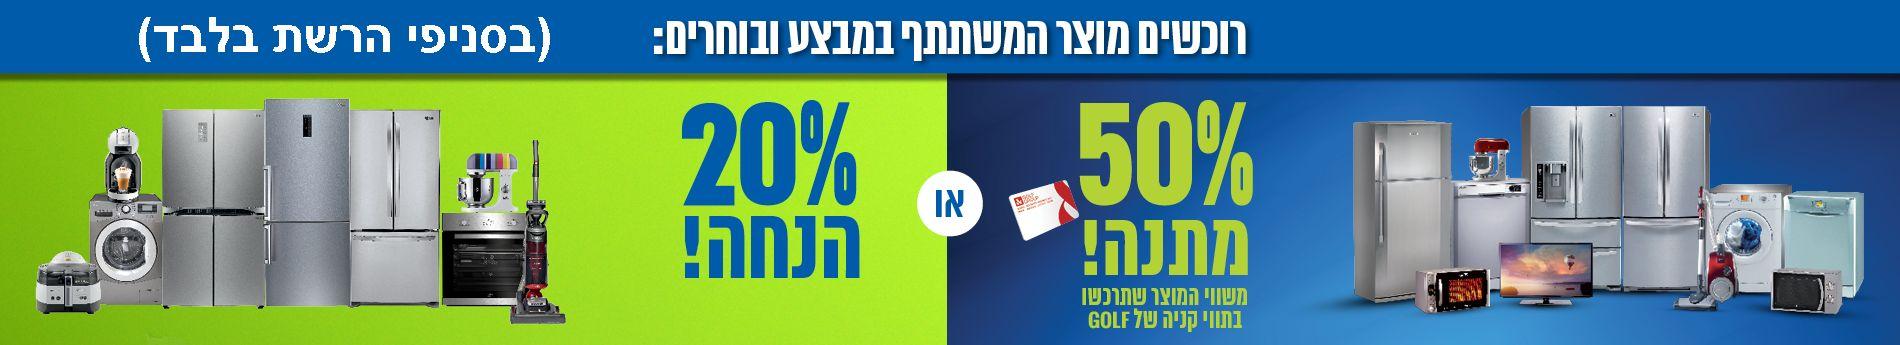 50 אחוז מתנה או 20 אחוז הנחה